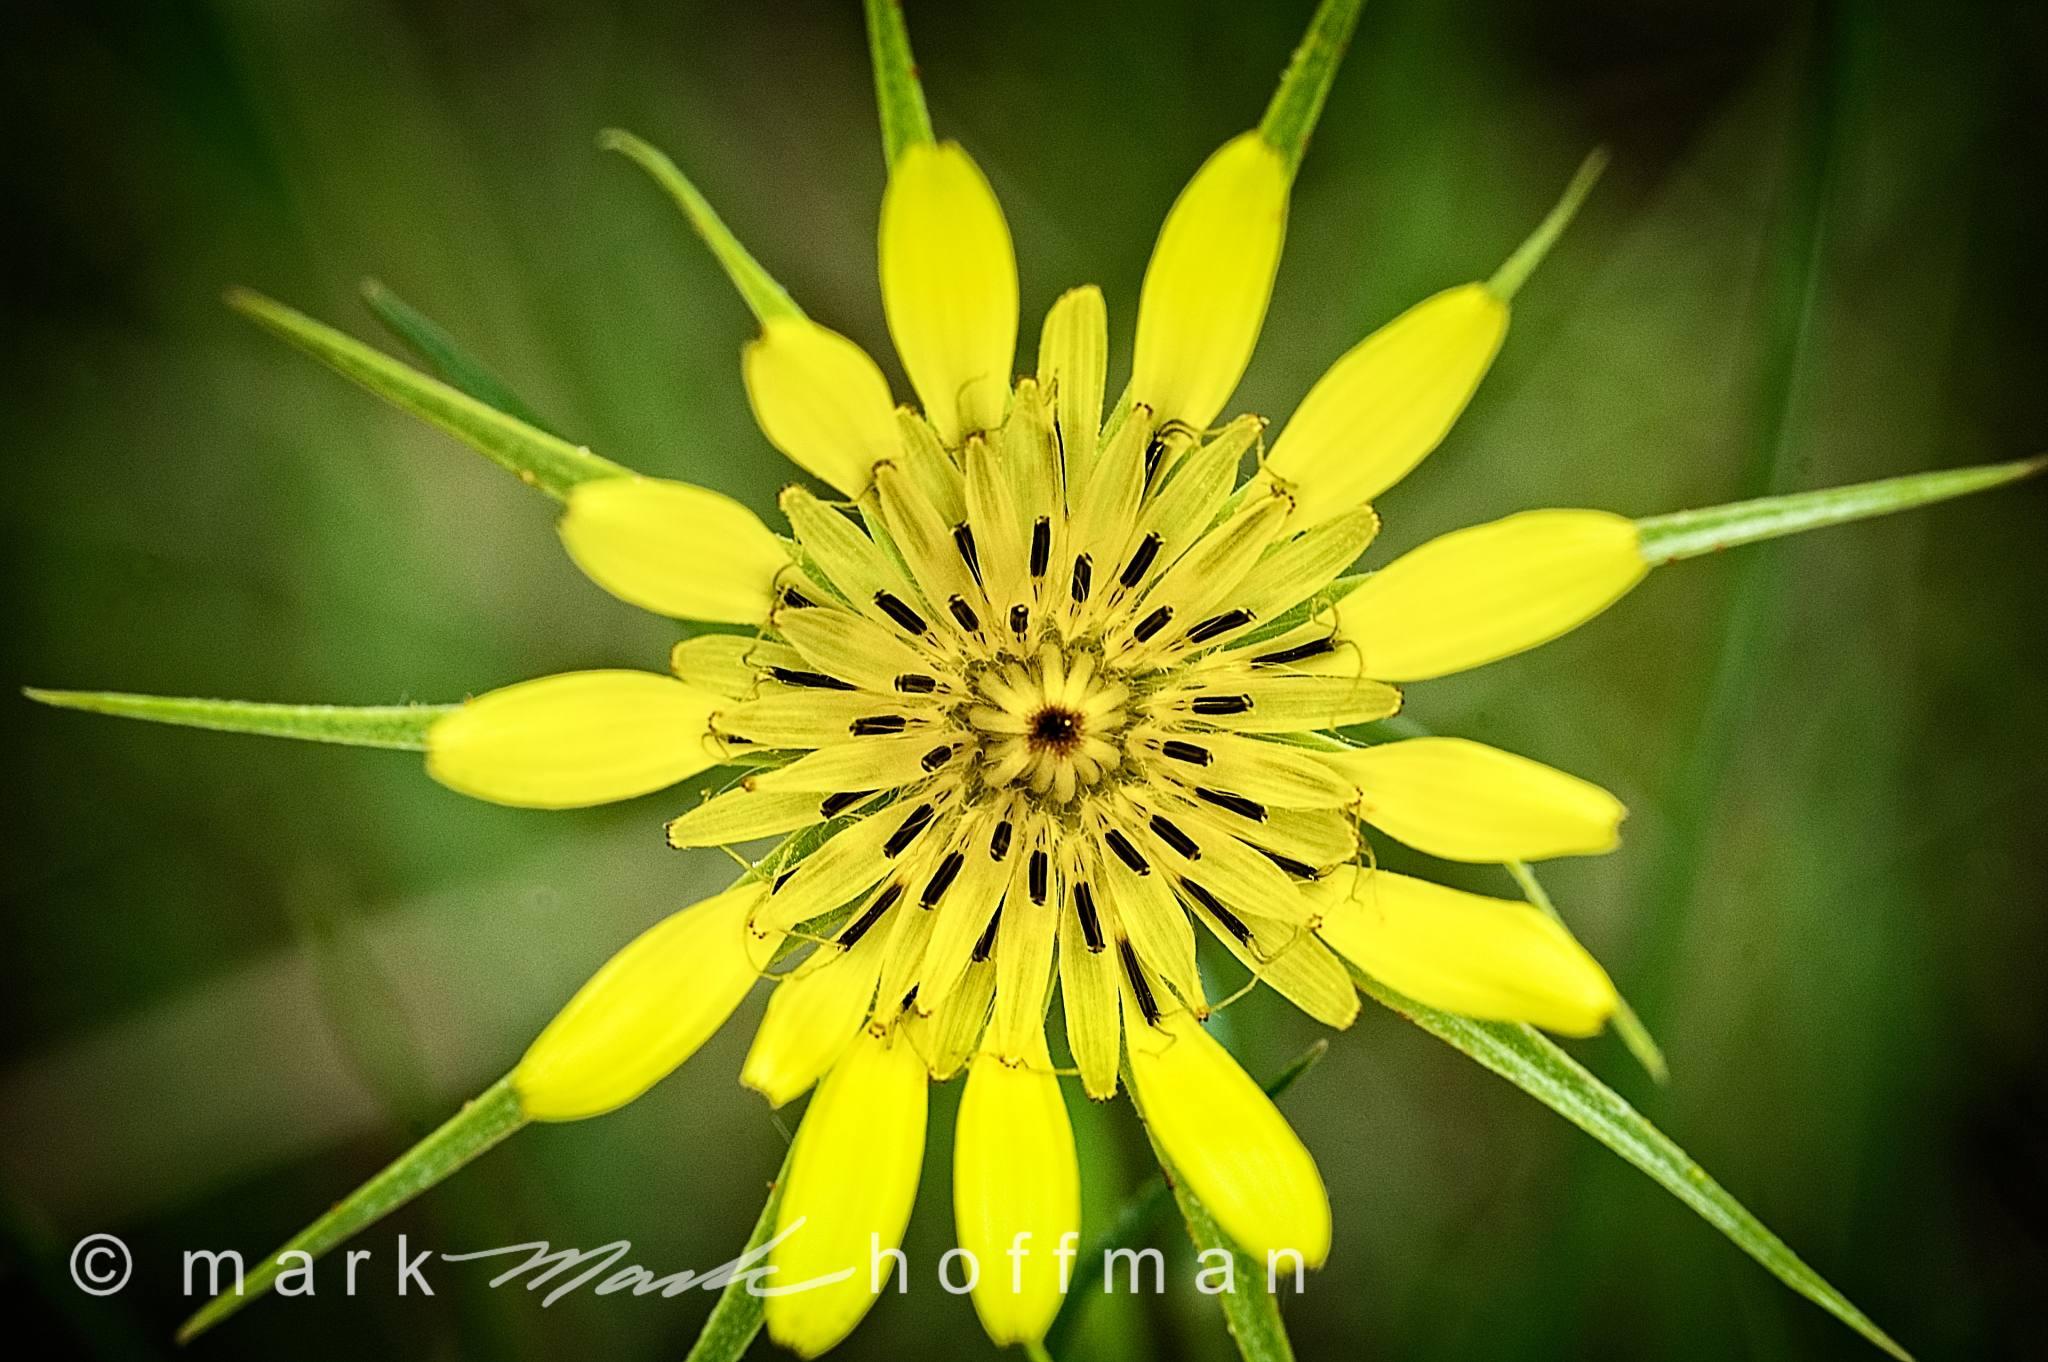 Mark_Hoffman_photophart_DSC_7174_Velvia_PPORT_cap1_var1.jpg